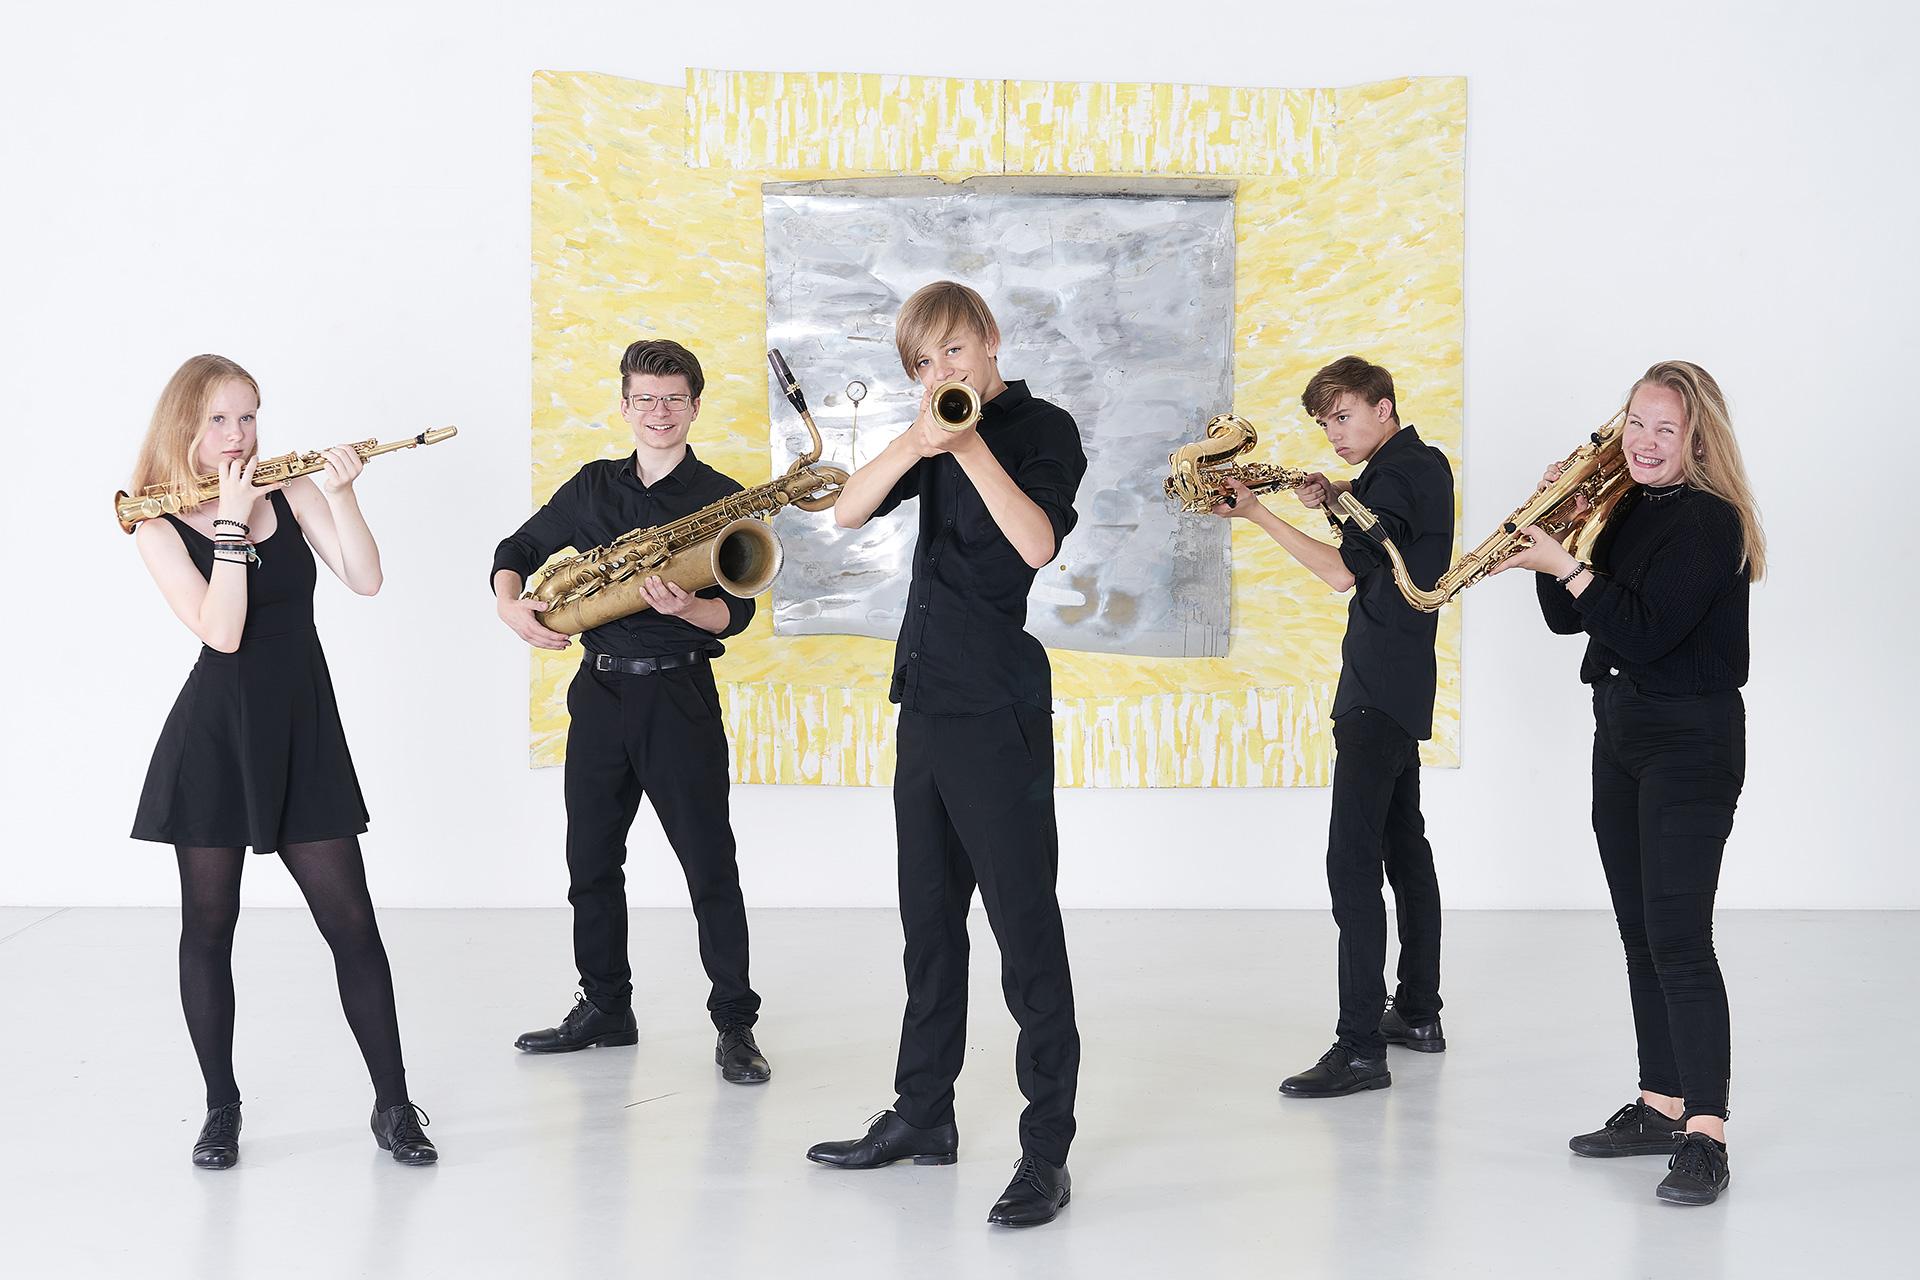 Christoph Kirschke – Saxophon lernen und spielen – Unterricht und Musikstücke – Freiburger Saxophon Akademie, Quintett